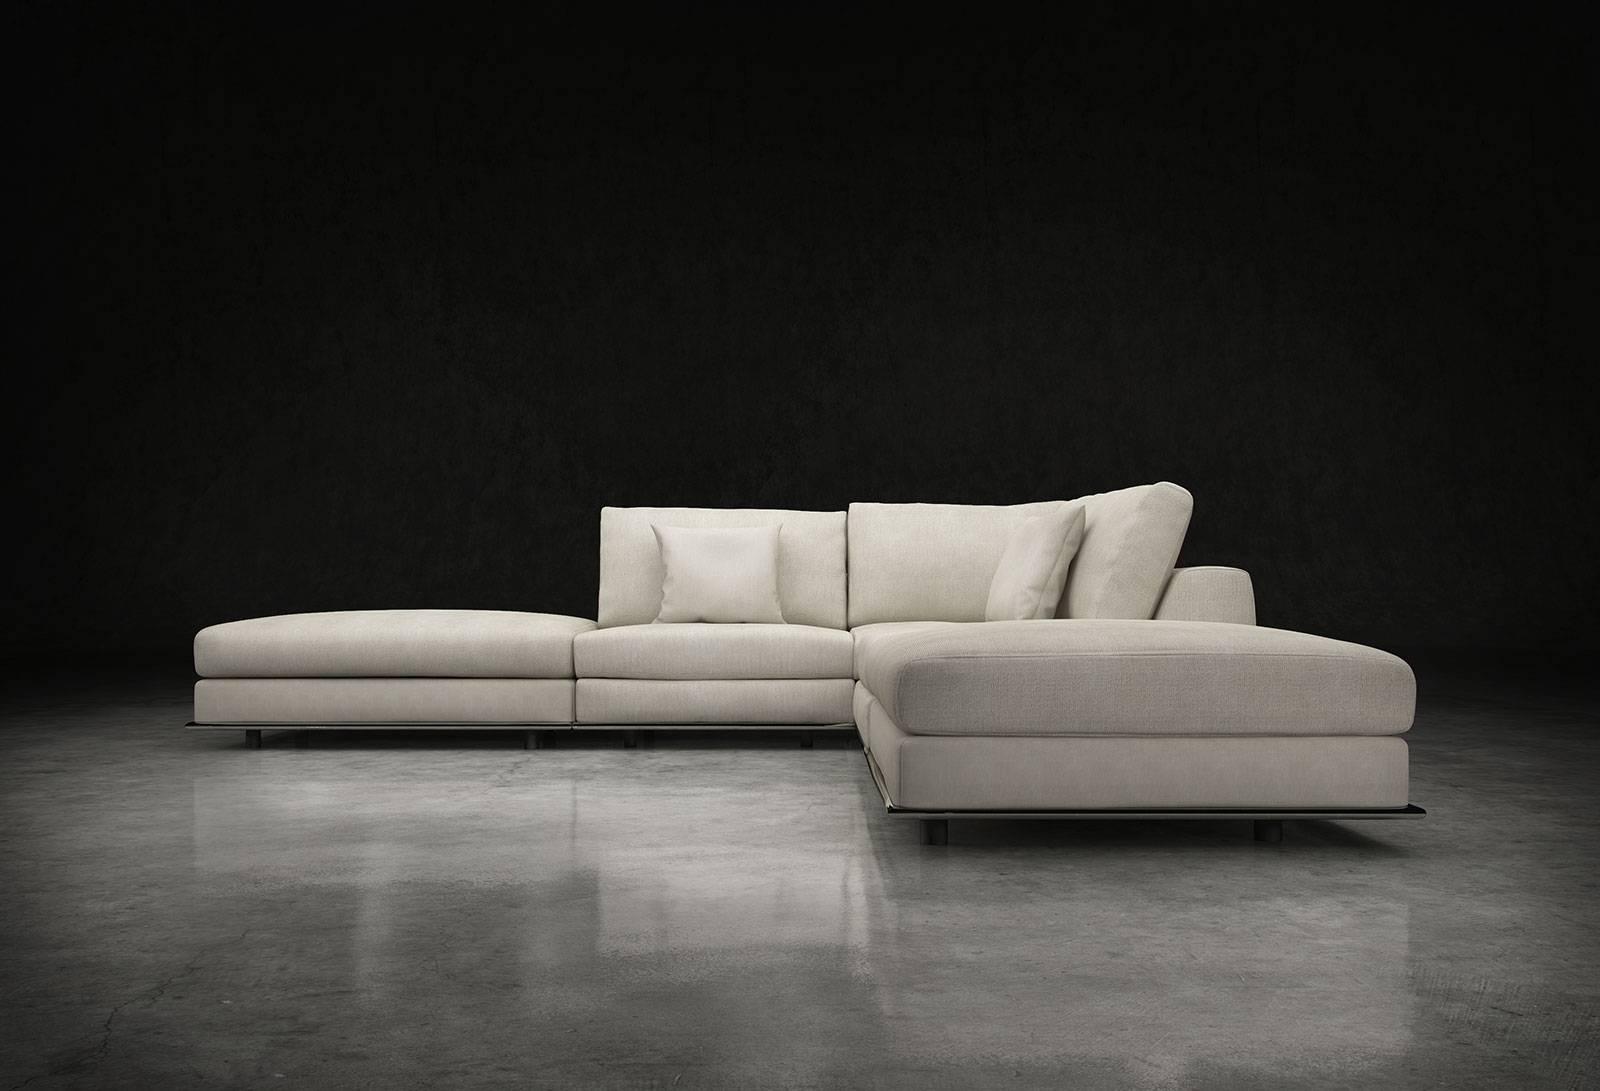 Modloft Perry Armless Corner Sofa Md820 Set04 Official Store Regarding Armless Sectional Sofas (View 3 of 30)